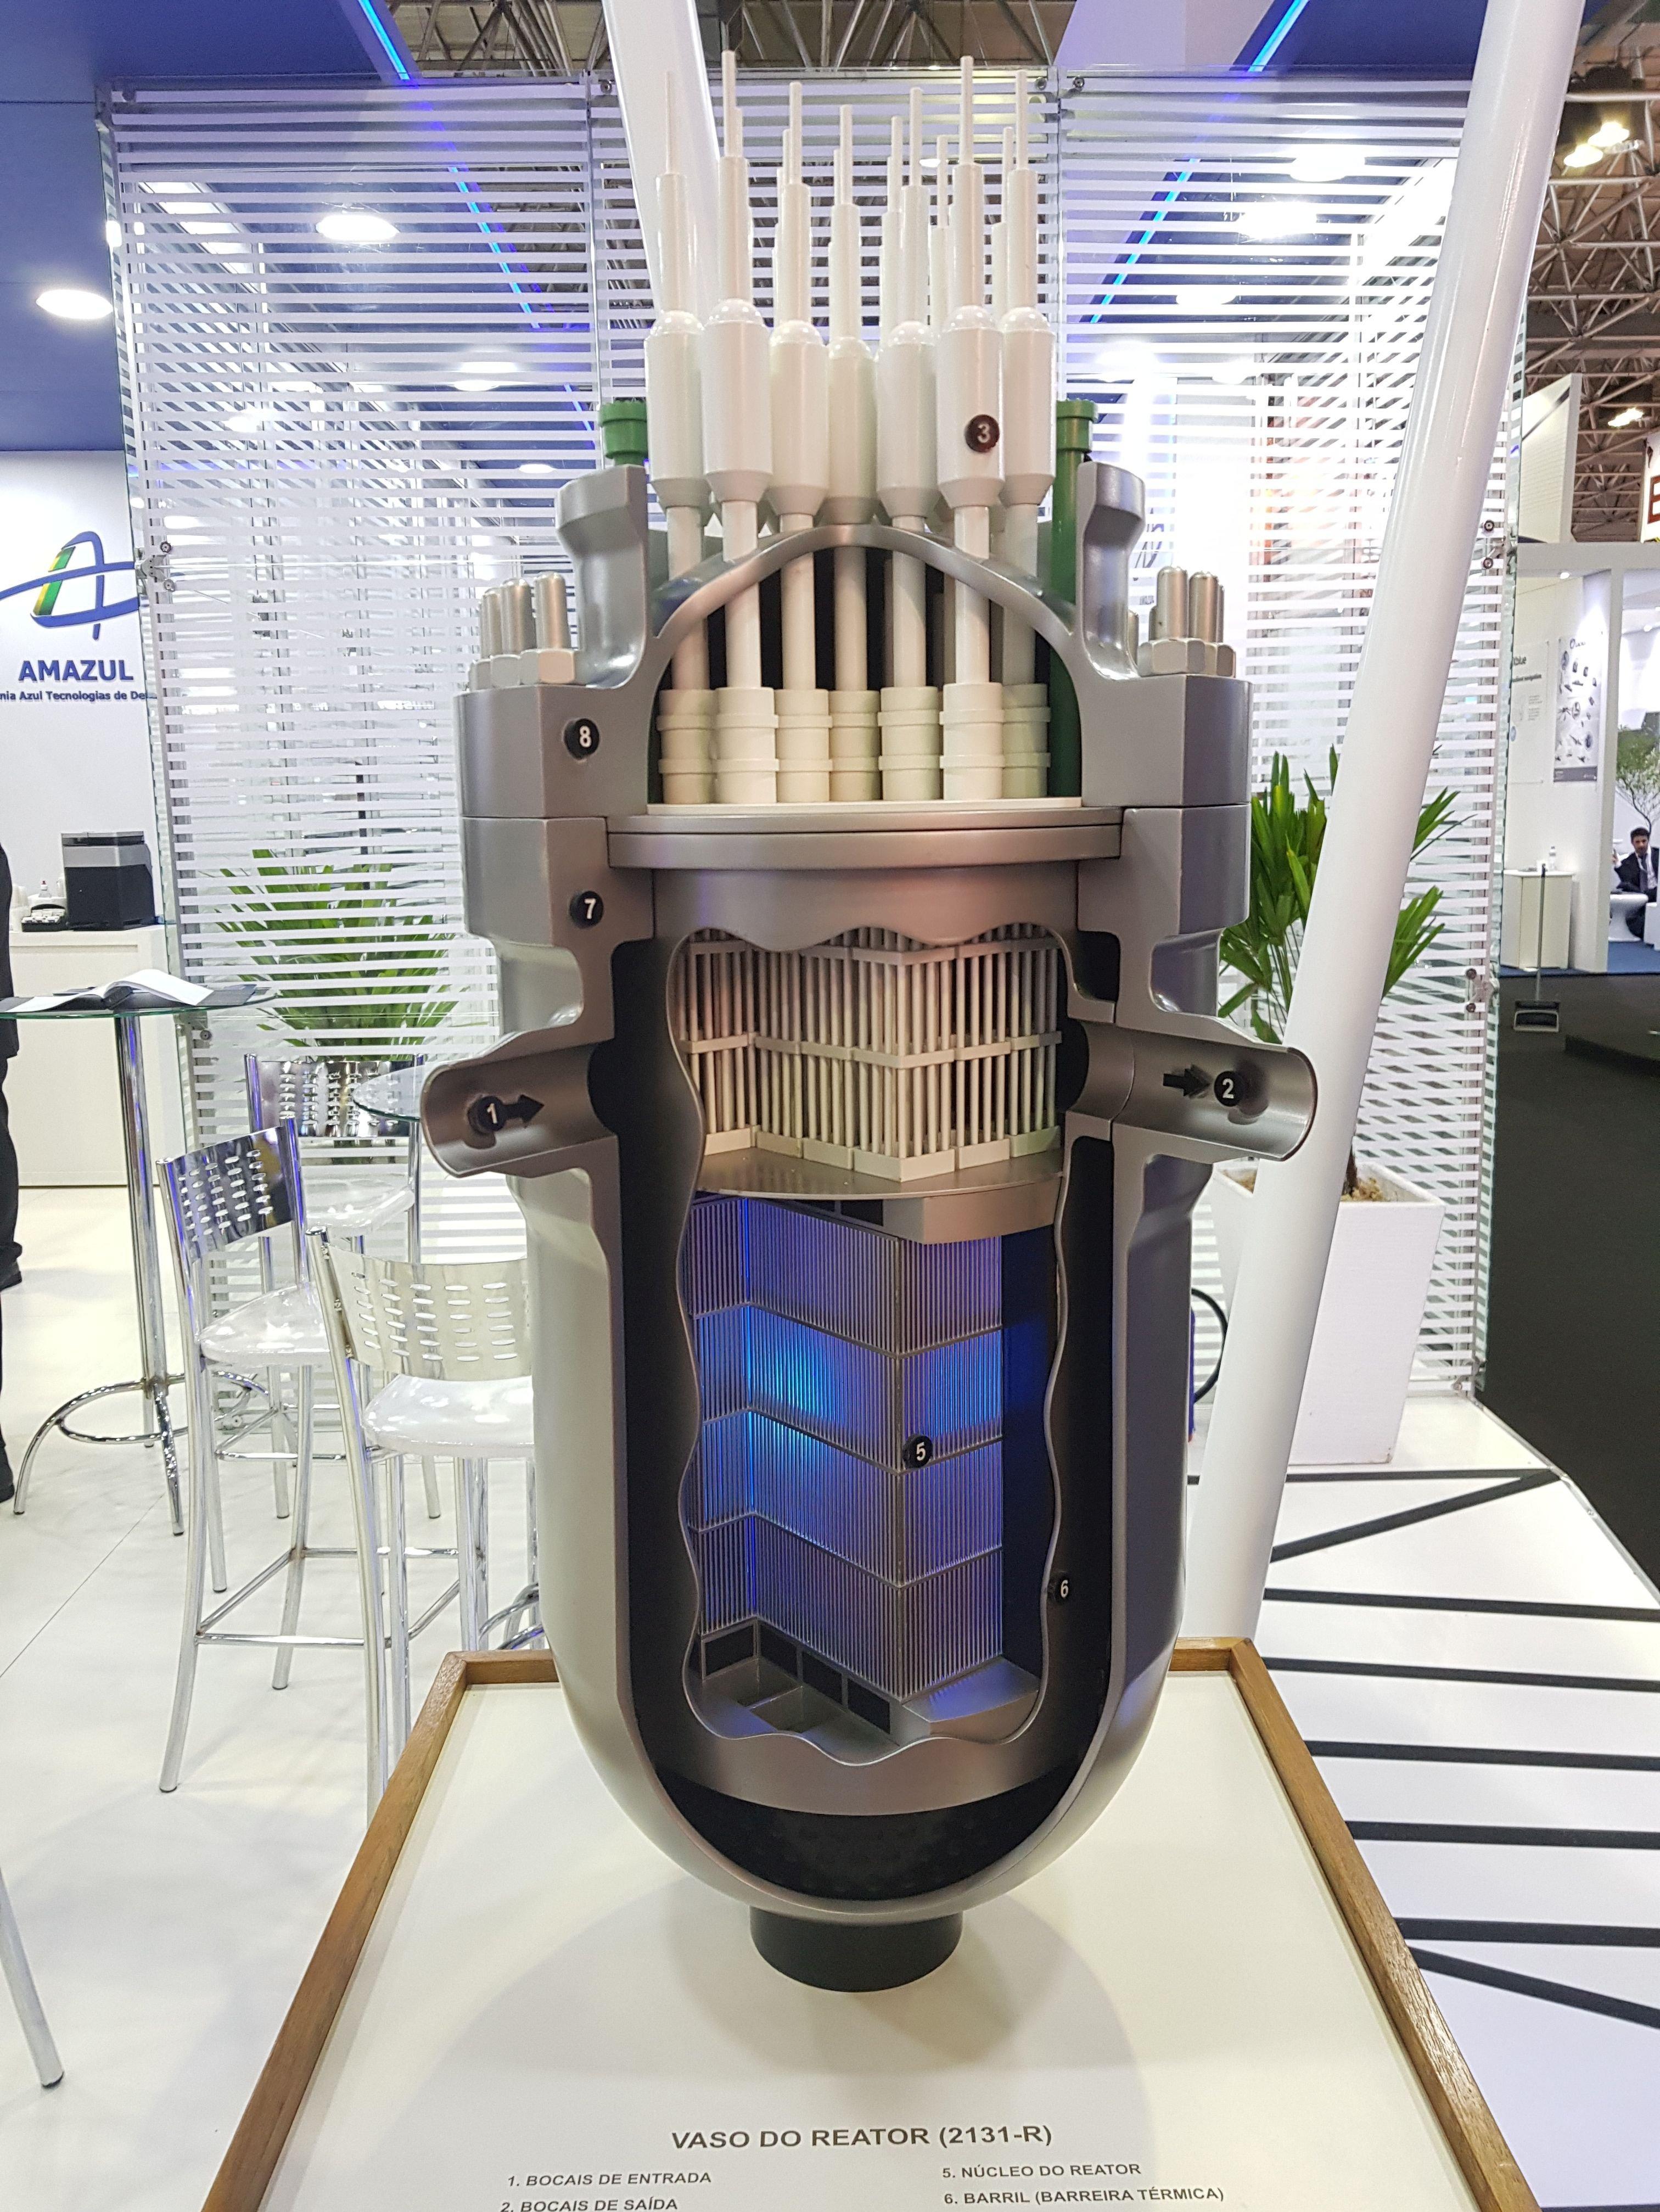 Maquete exibida na LAAD 2019 do modelo de reator que será o propulsor do SN Álvaro Alberto, o primeiro submarino nuclear do Brasil